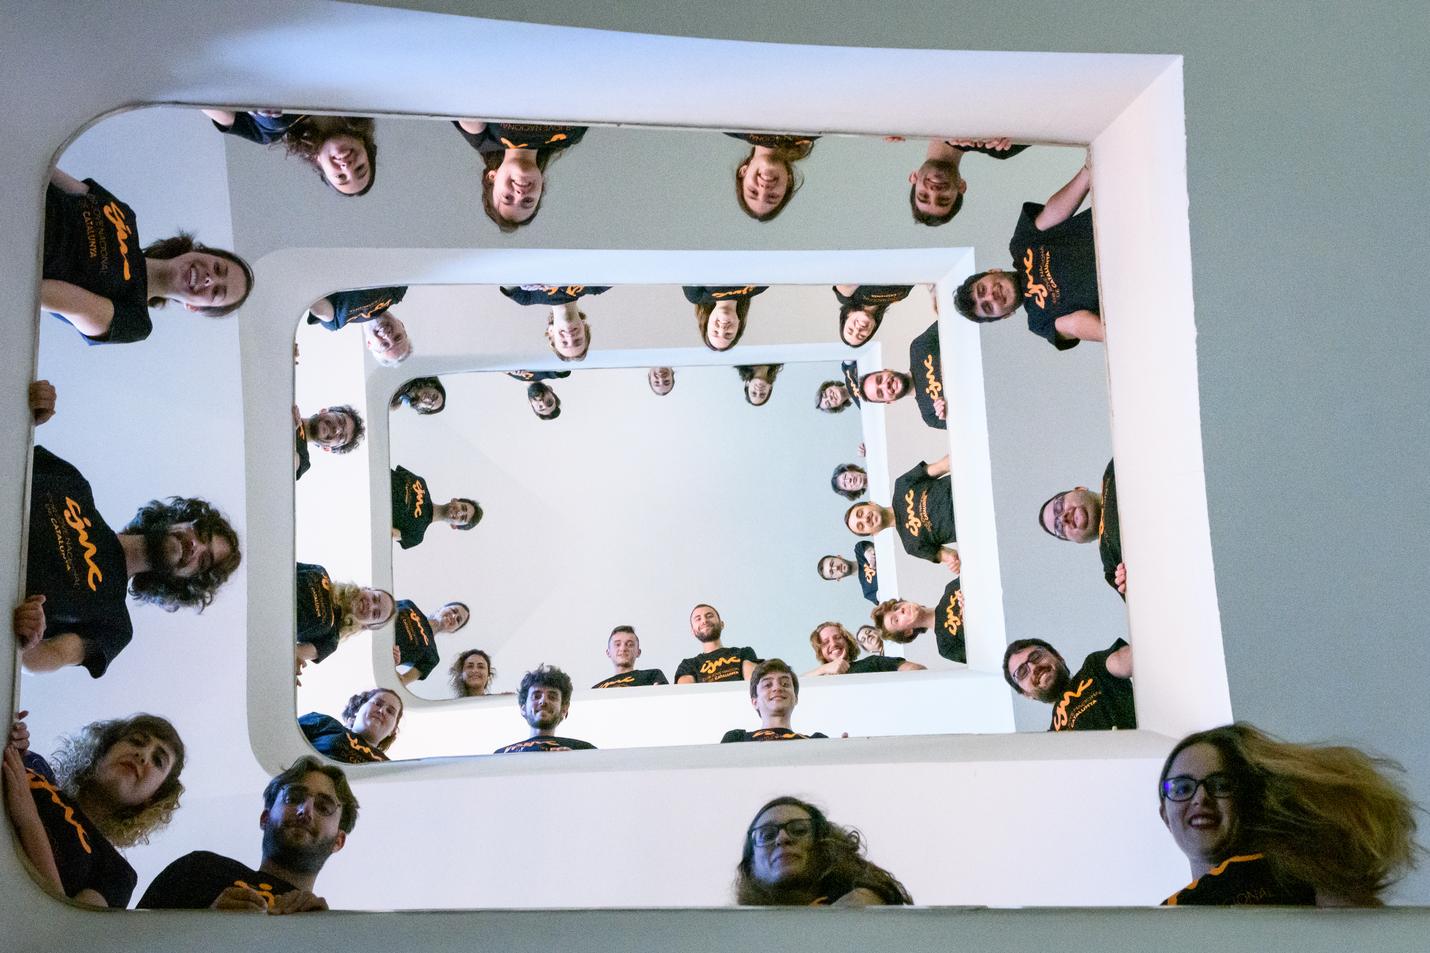 Toni Márquez, Moviment Coral Català, Španija: Nasmeh brez konca, 2020, Nacionalni mladinski zbor Katalonije, Španija - Uradna fotografija Nacionalnega mladinskega zbora Katalonije 2020, posneta na stopnicah starega semenišča v Vicu, kjer so člani zbora vadili poleti.